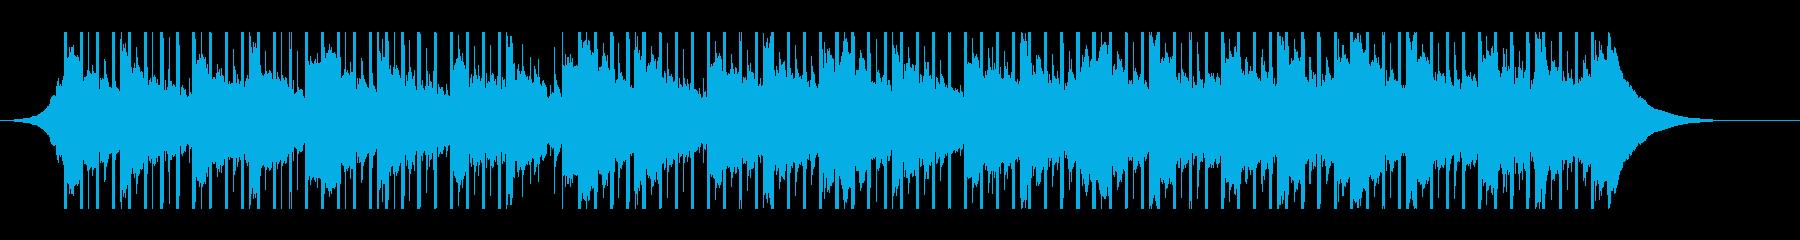 説明する(60秒)の再生済みの波形